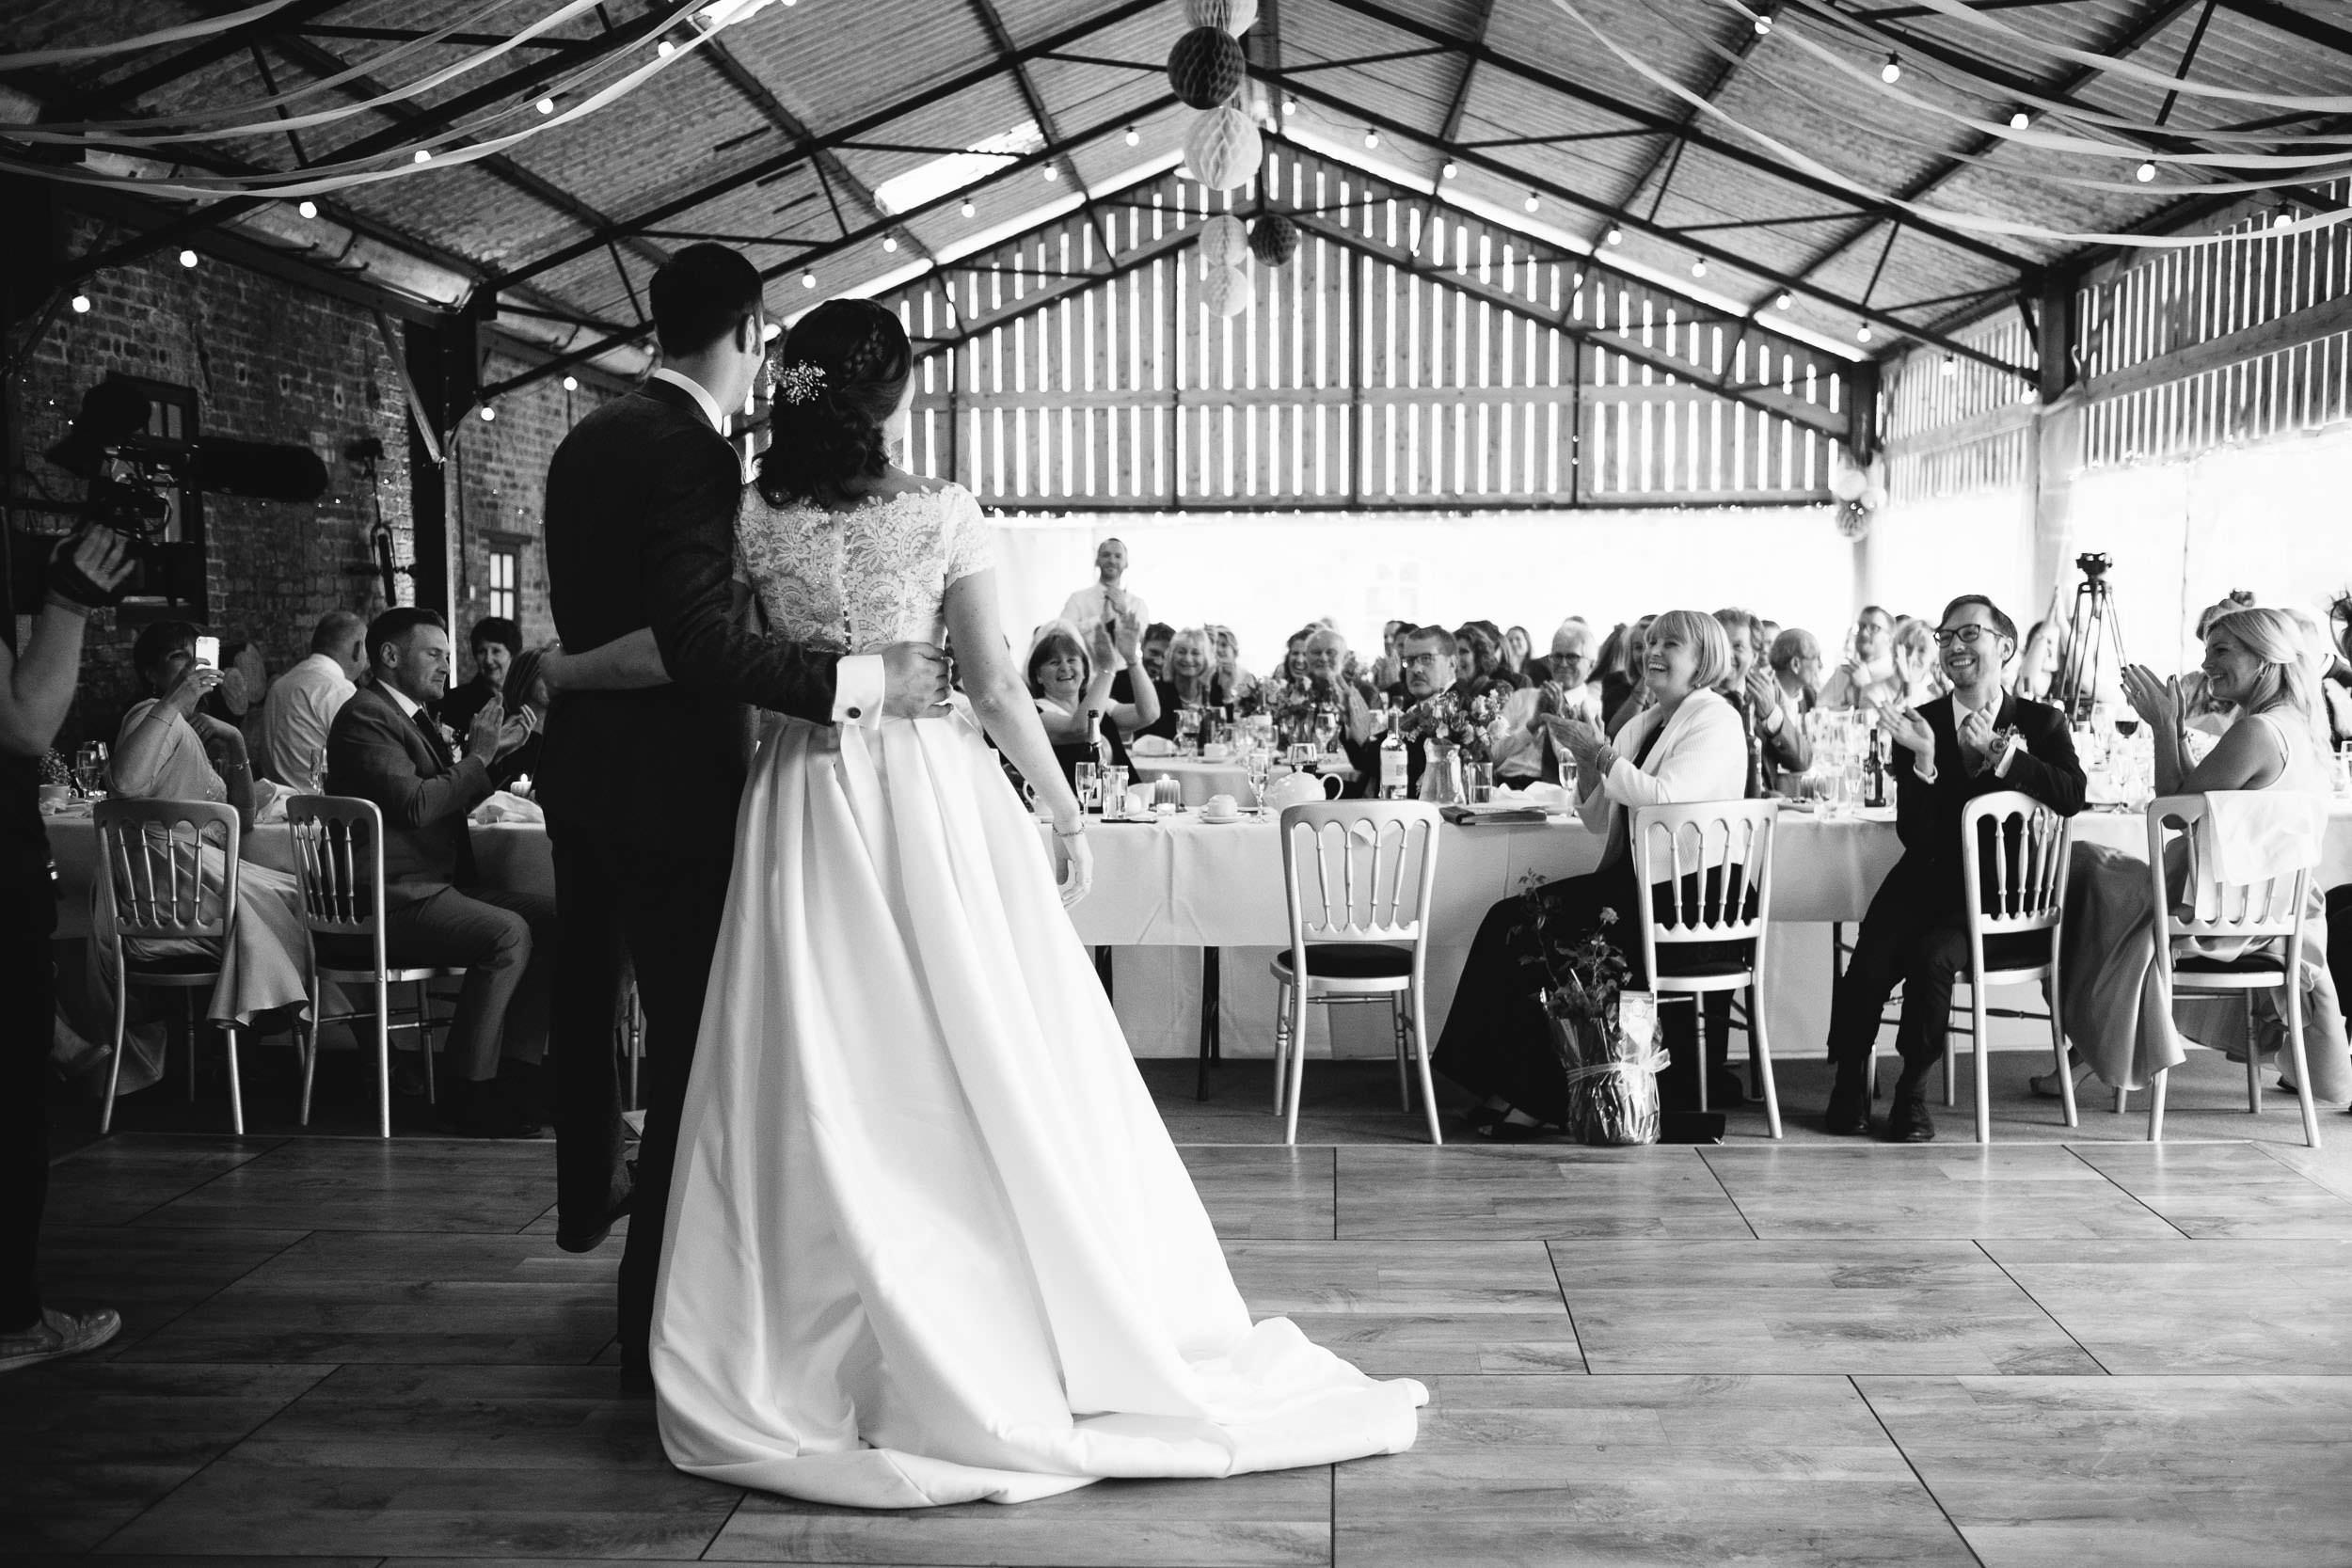 Dale Farm Yorkshire wedding venue by Barry Forshaw-0019.jpg